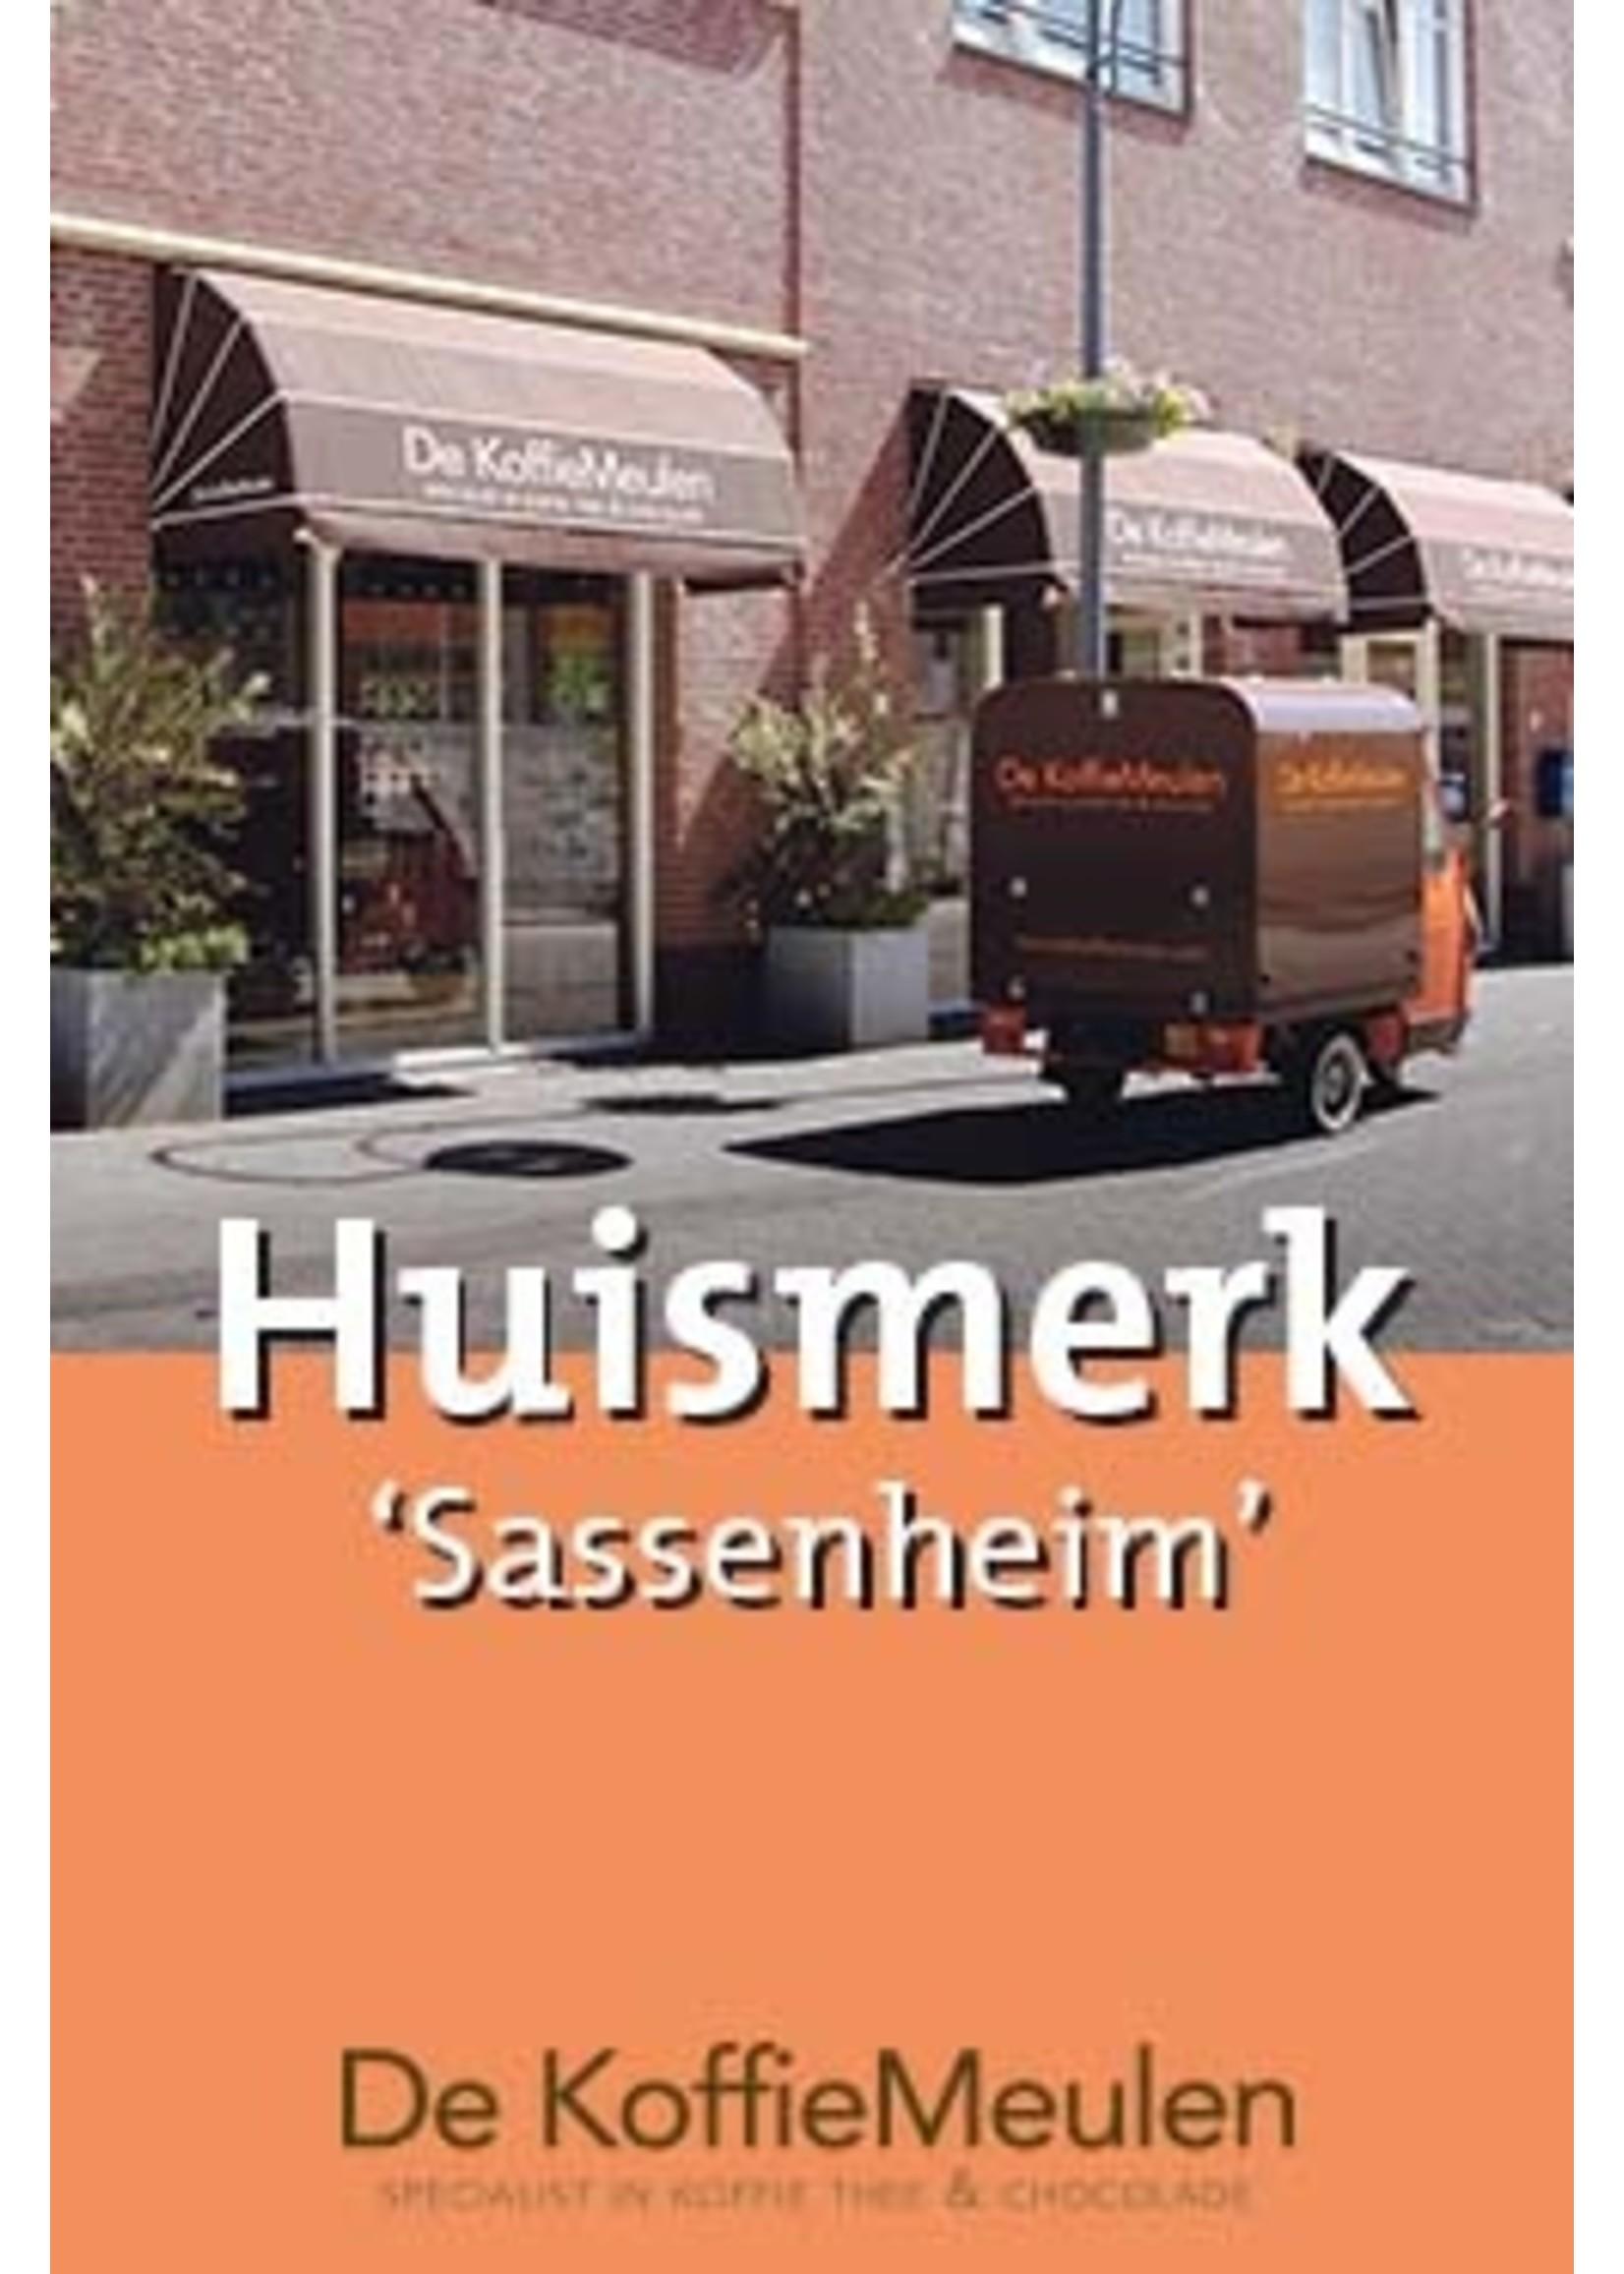 De KoffieMeulen Huismelange Sassenheim Fair Trade